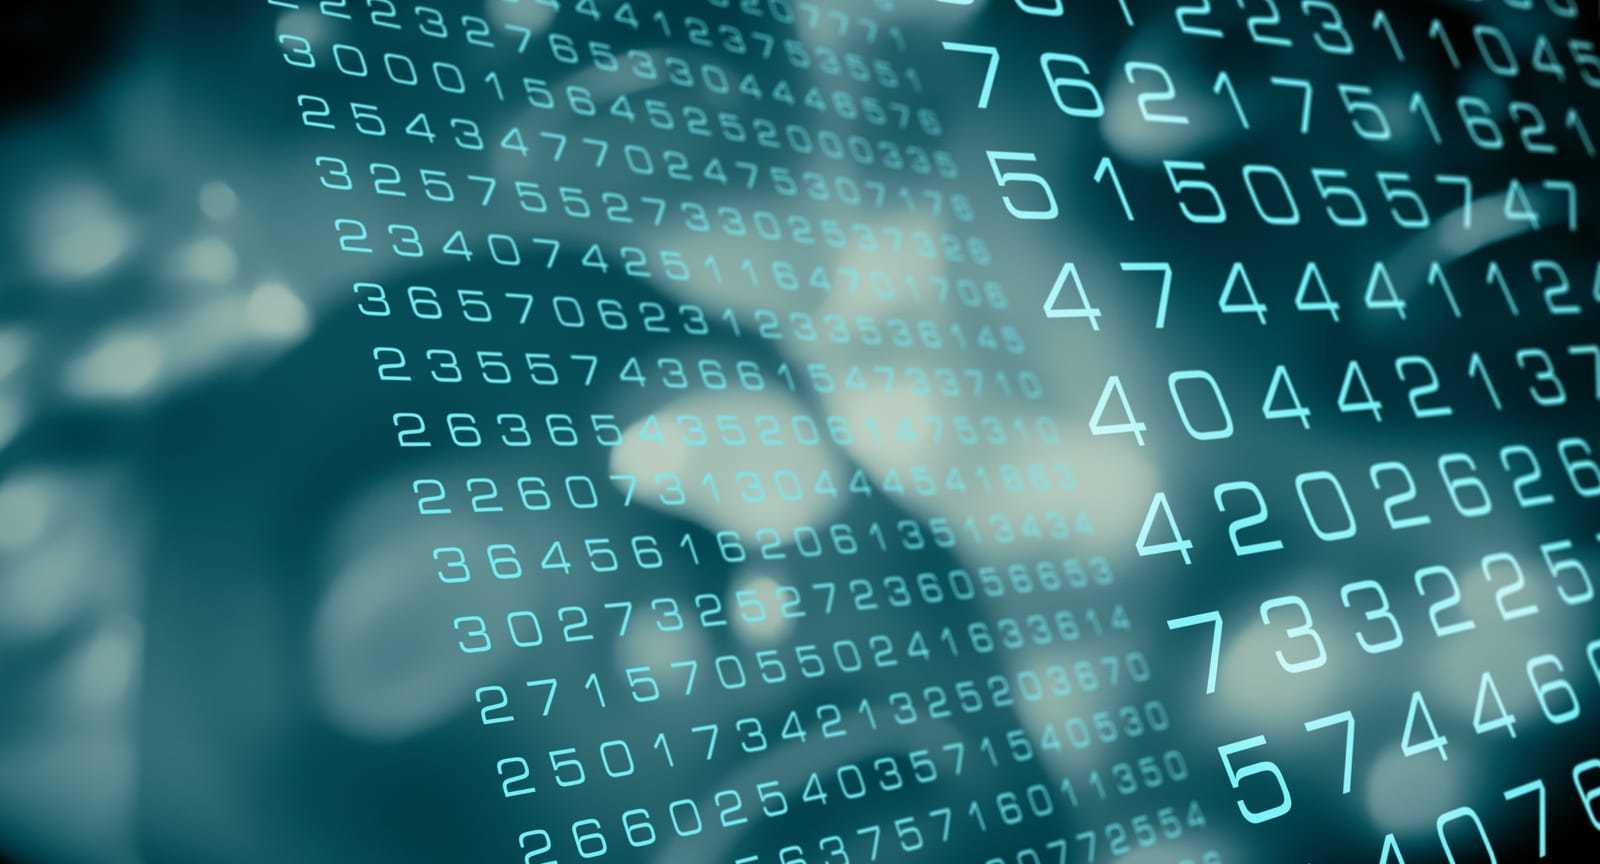 コンピューターアルゴリズム